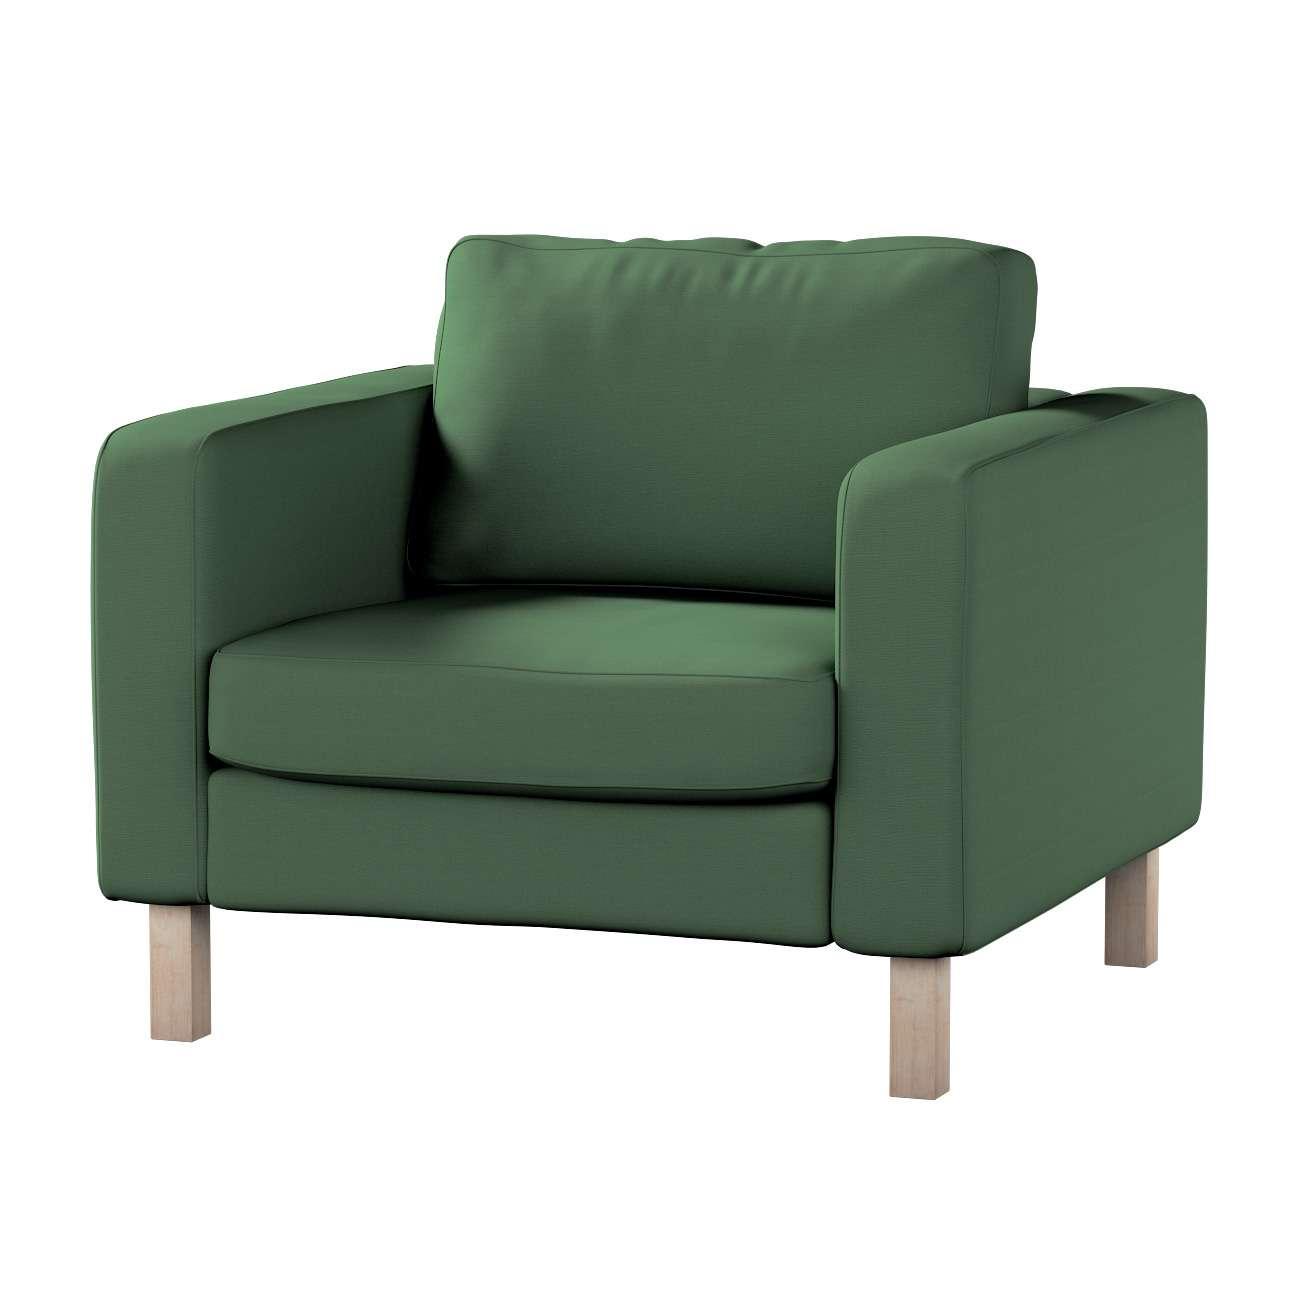 Pokrowiec na fotel Karlstad, krótki Fotel Karlstad w kolekcji Cotton Panama, tkanina: 702-06